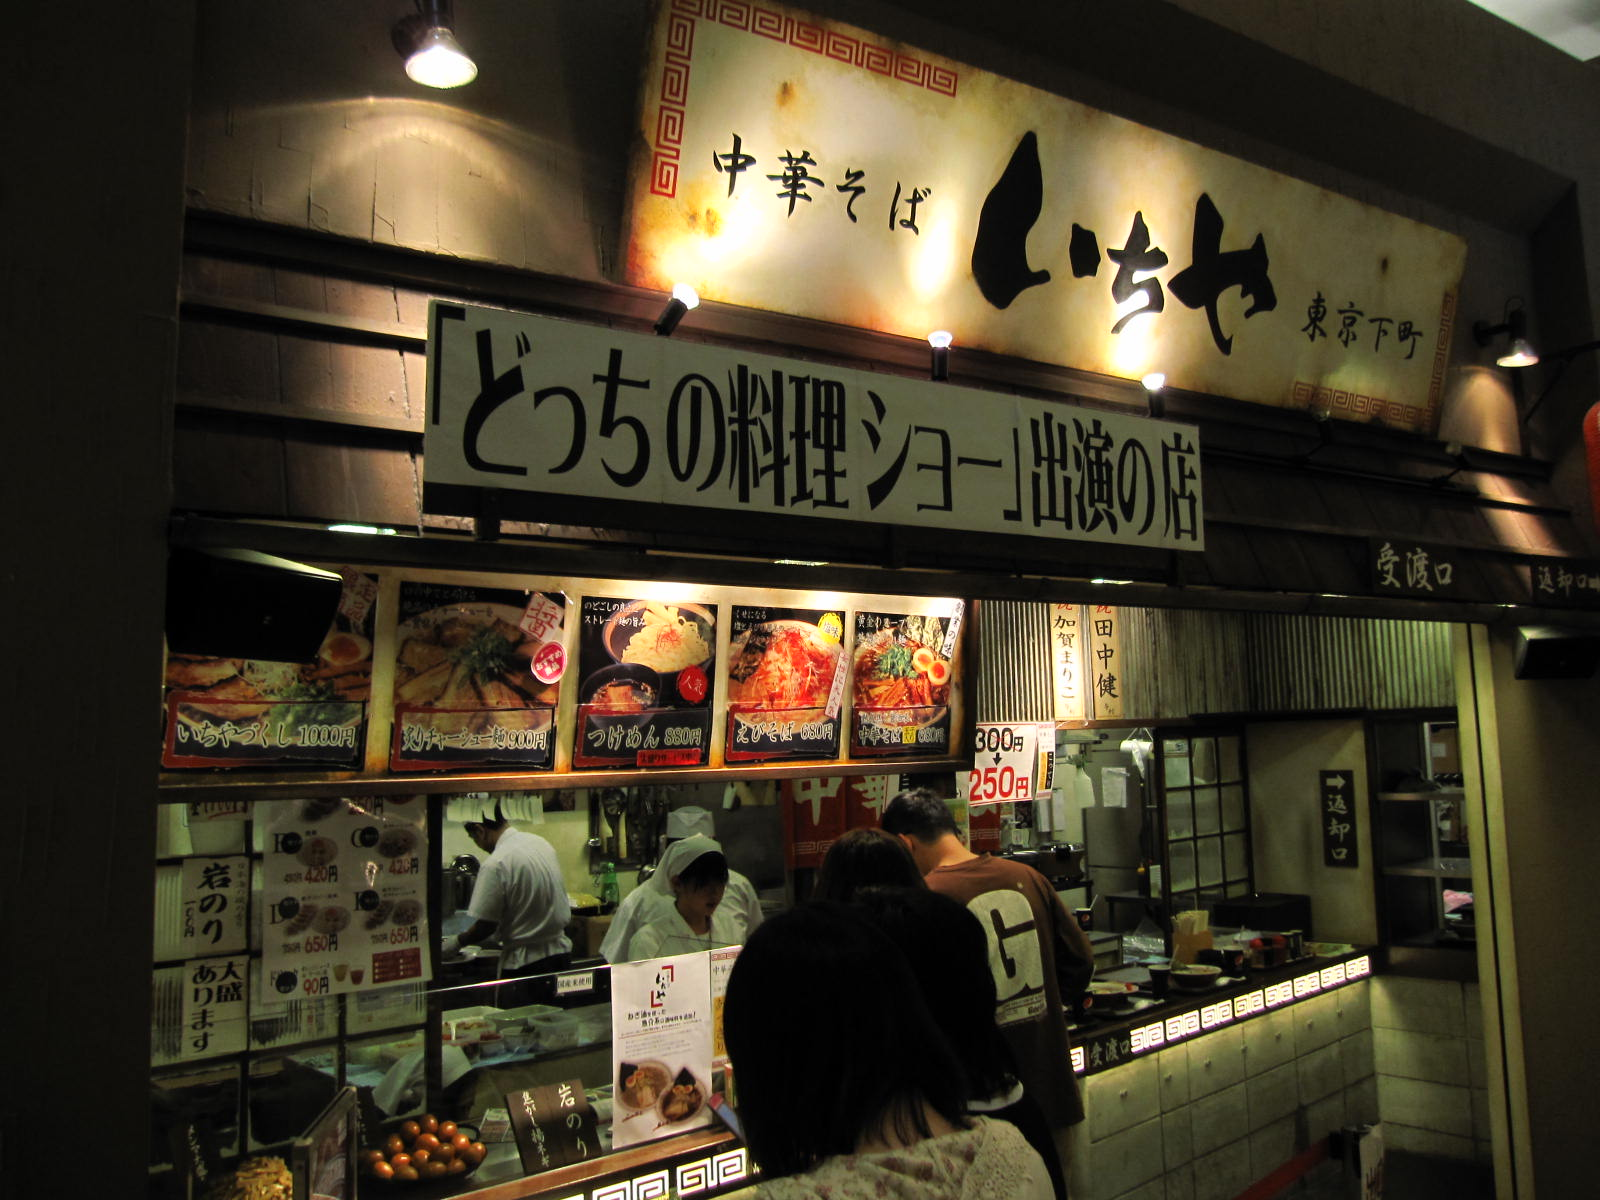 晩飯!_e0177101_22551934.jpg